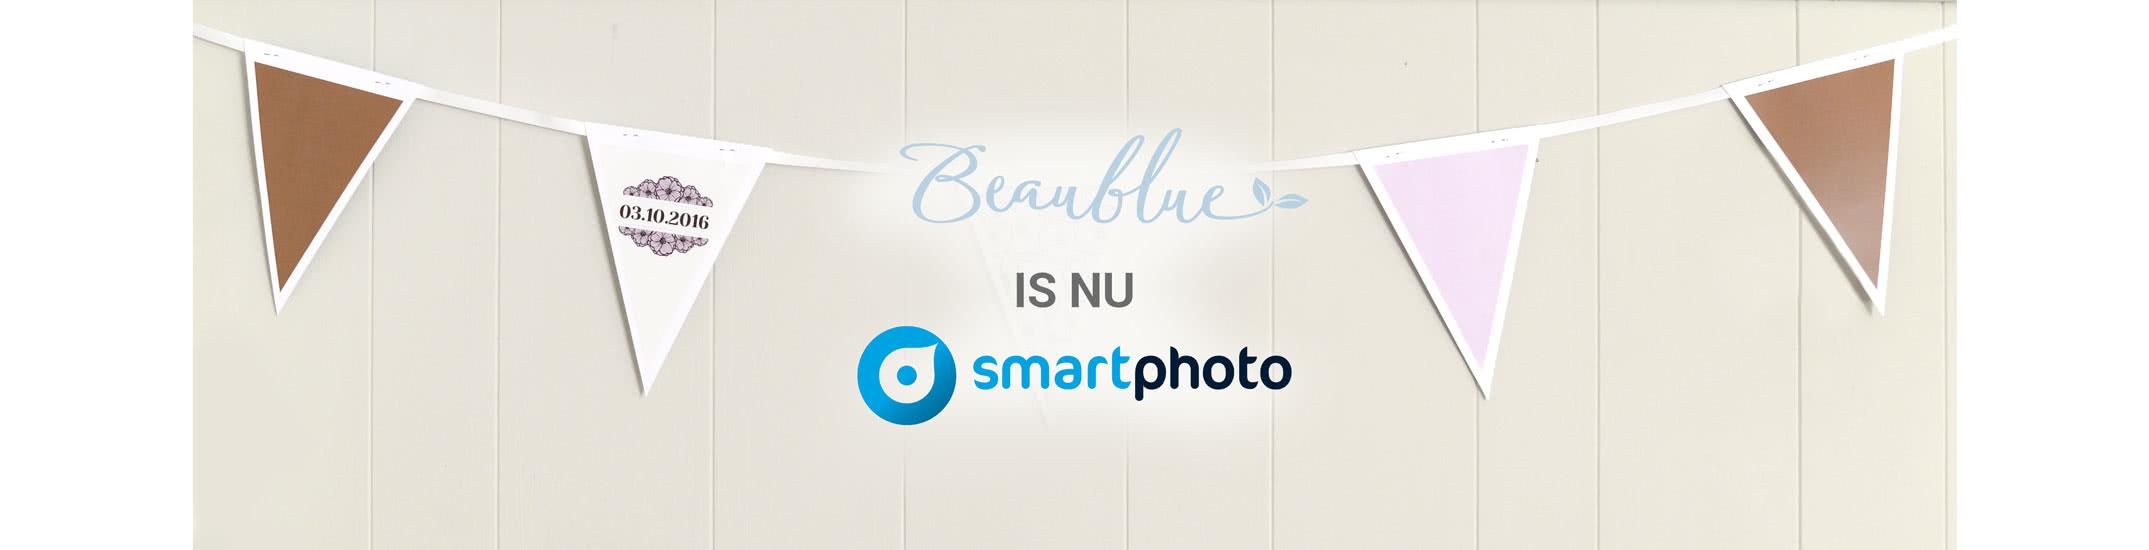 Beaublue is nu smartphoto!